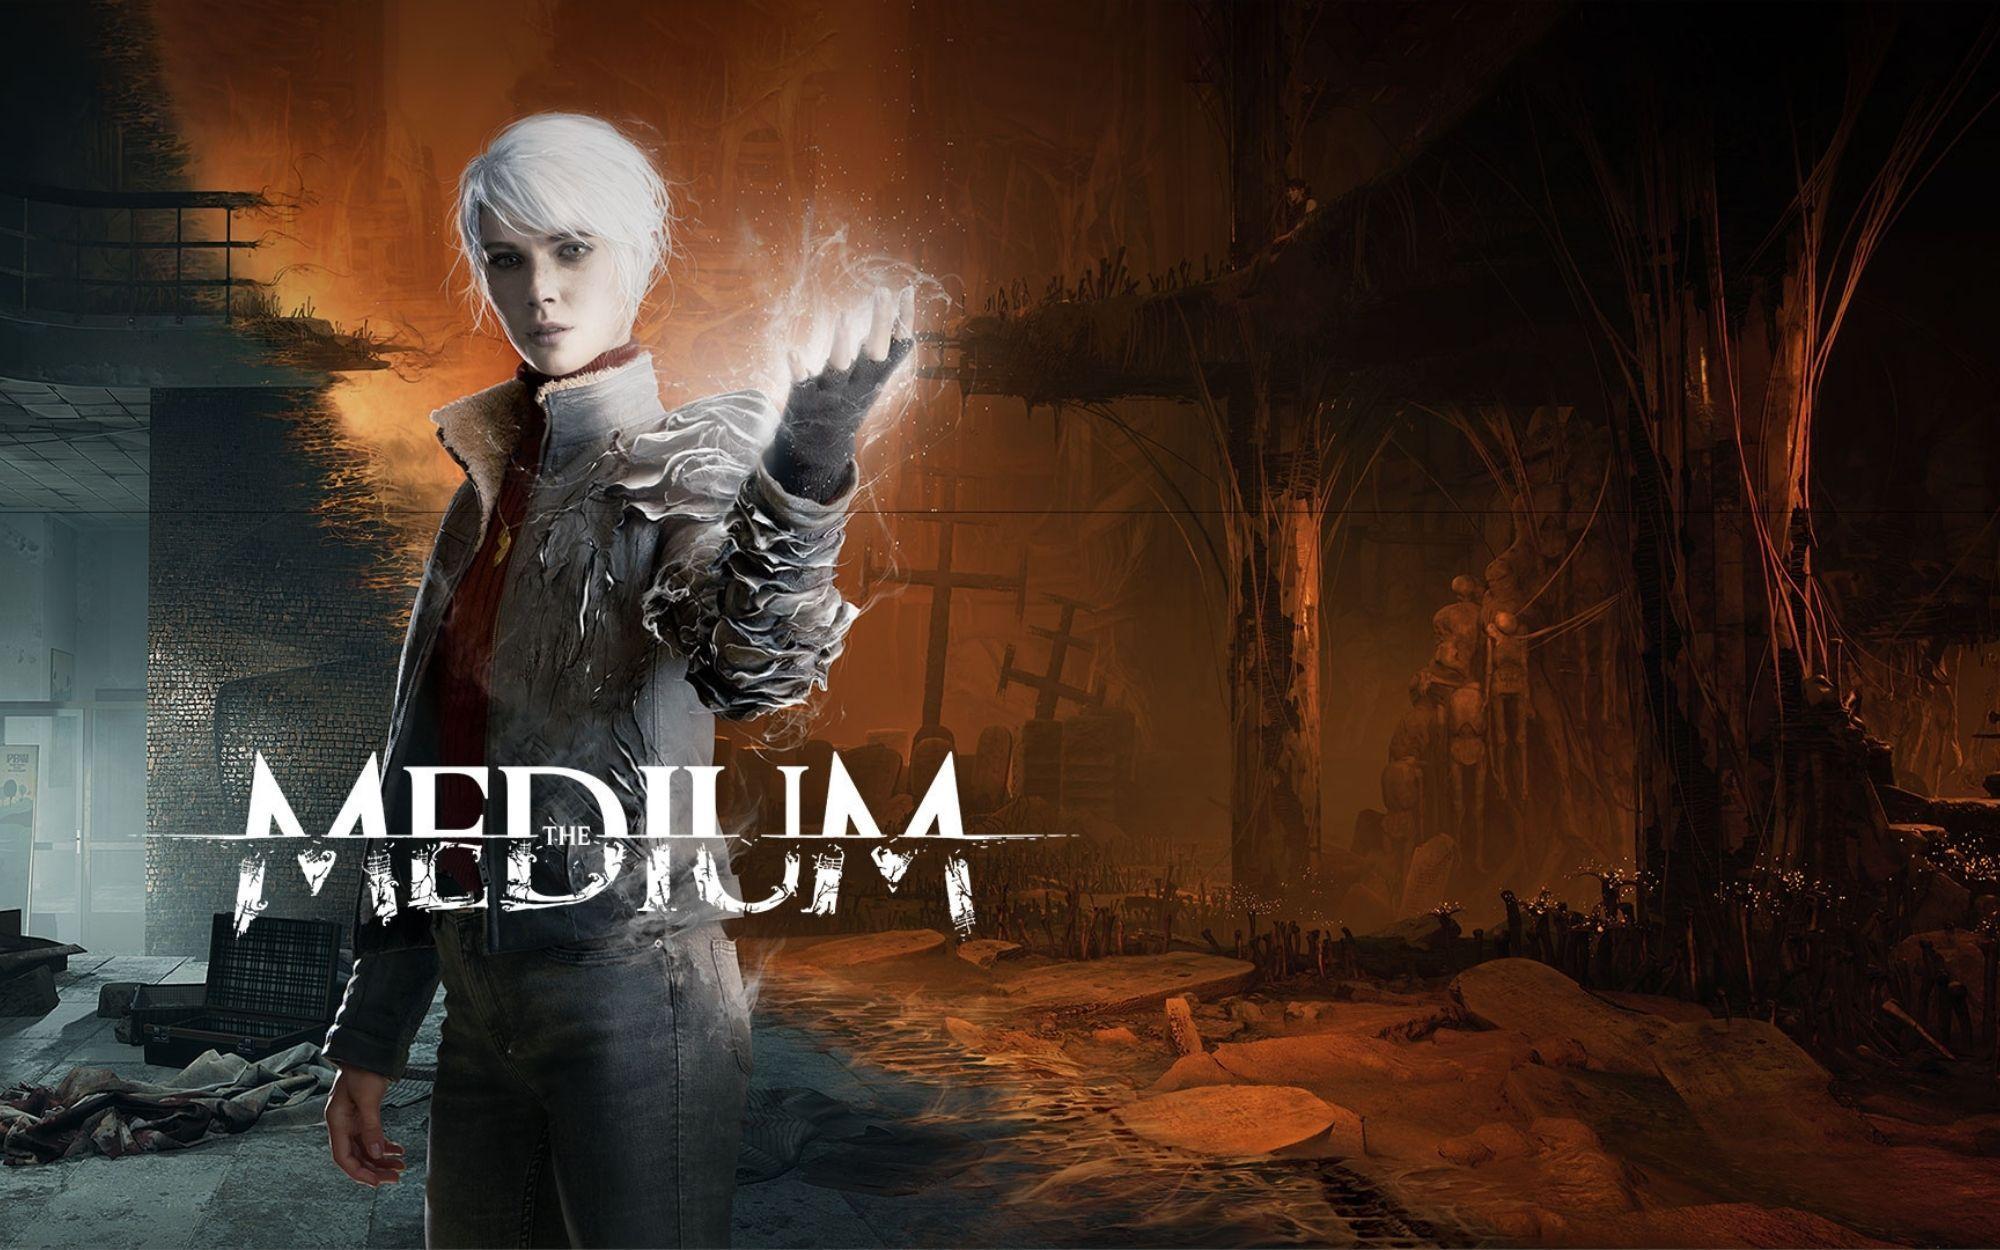 lançamentos de jogos 2021 The Medium